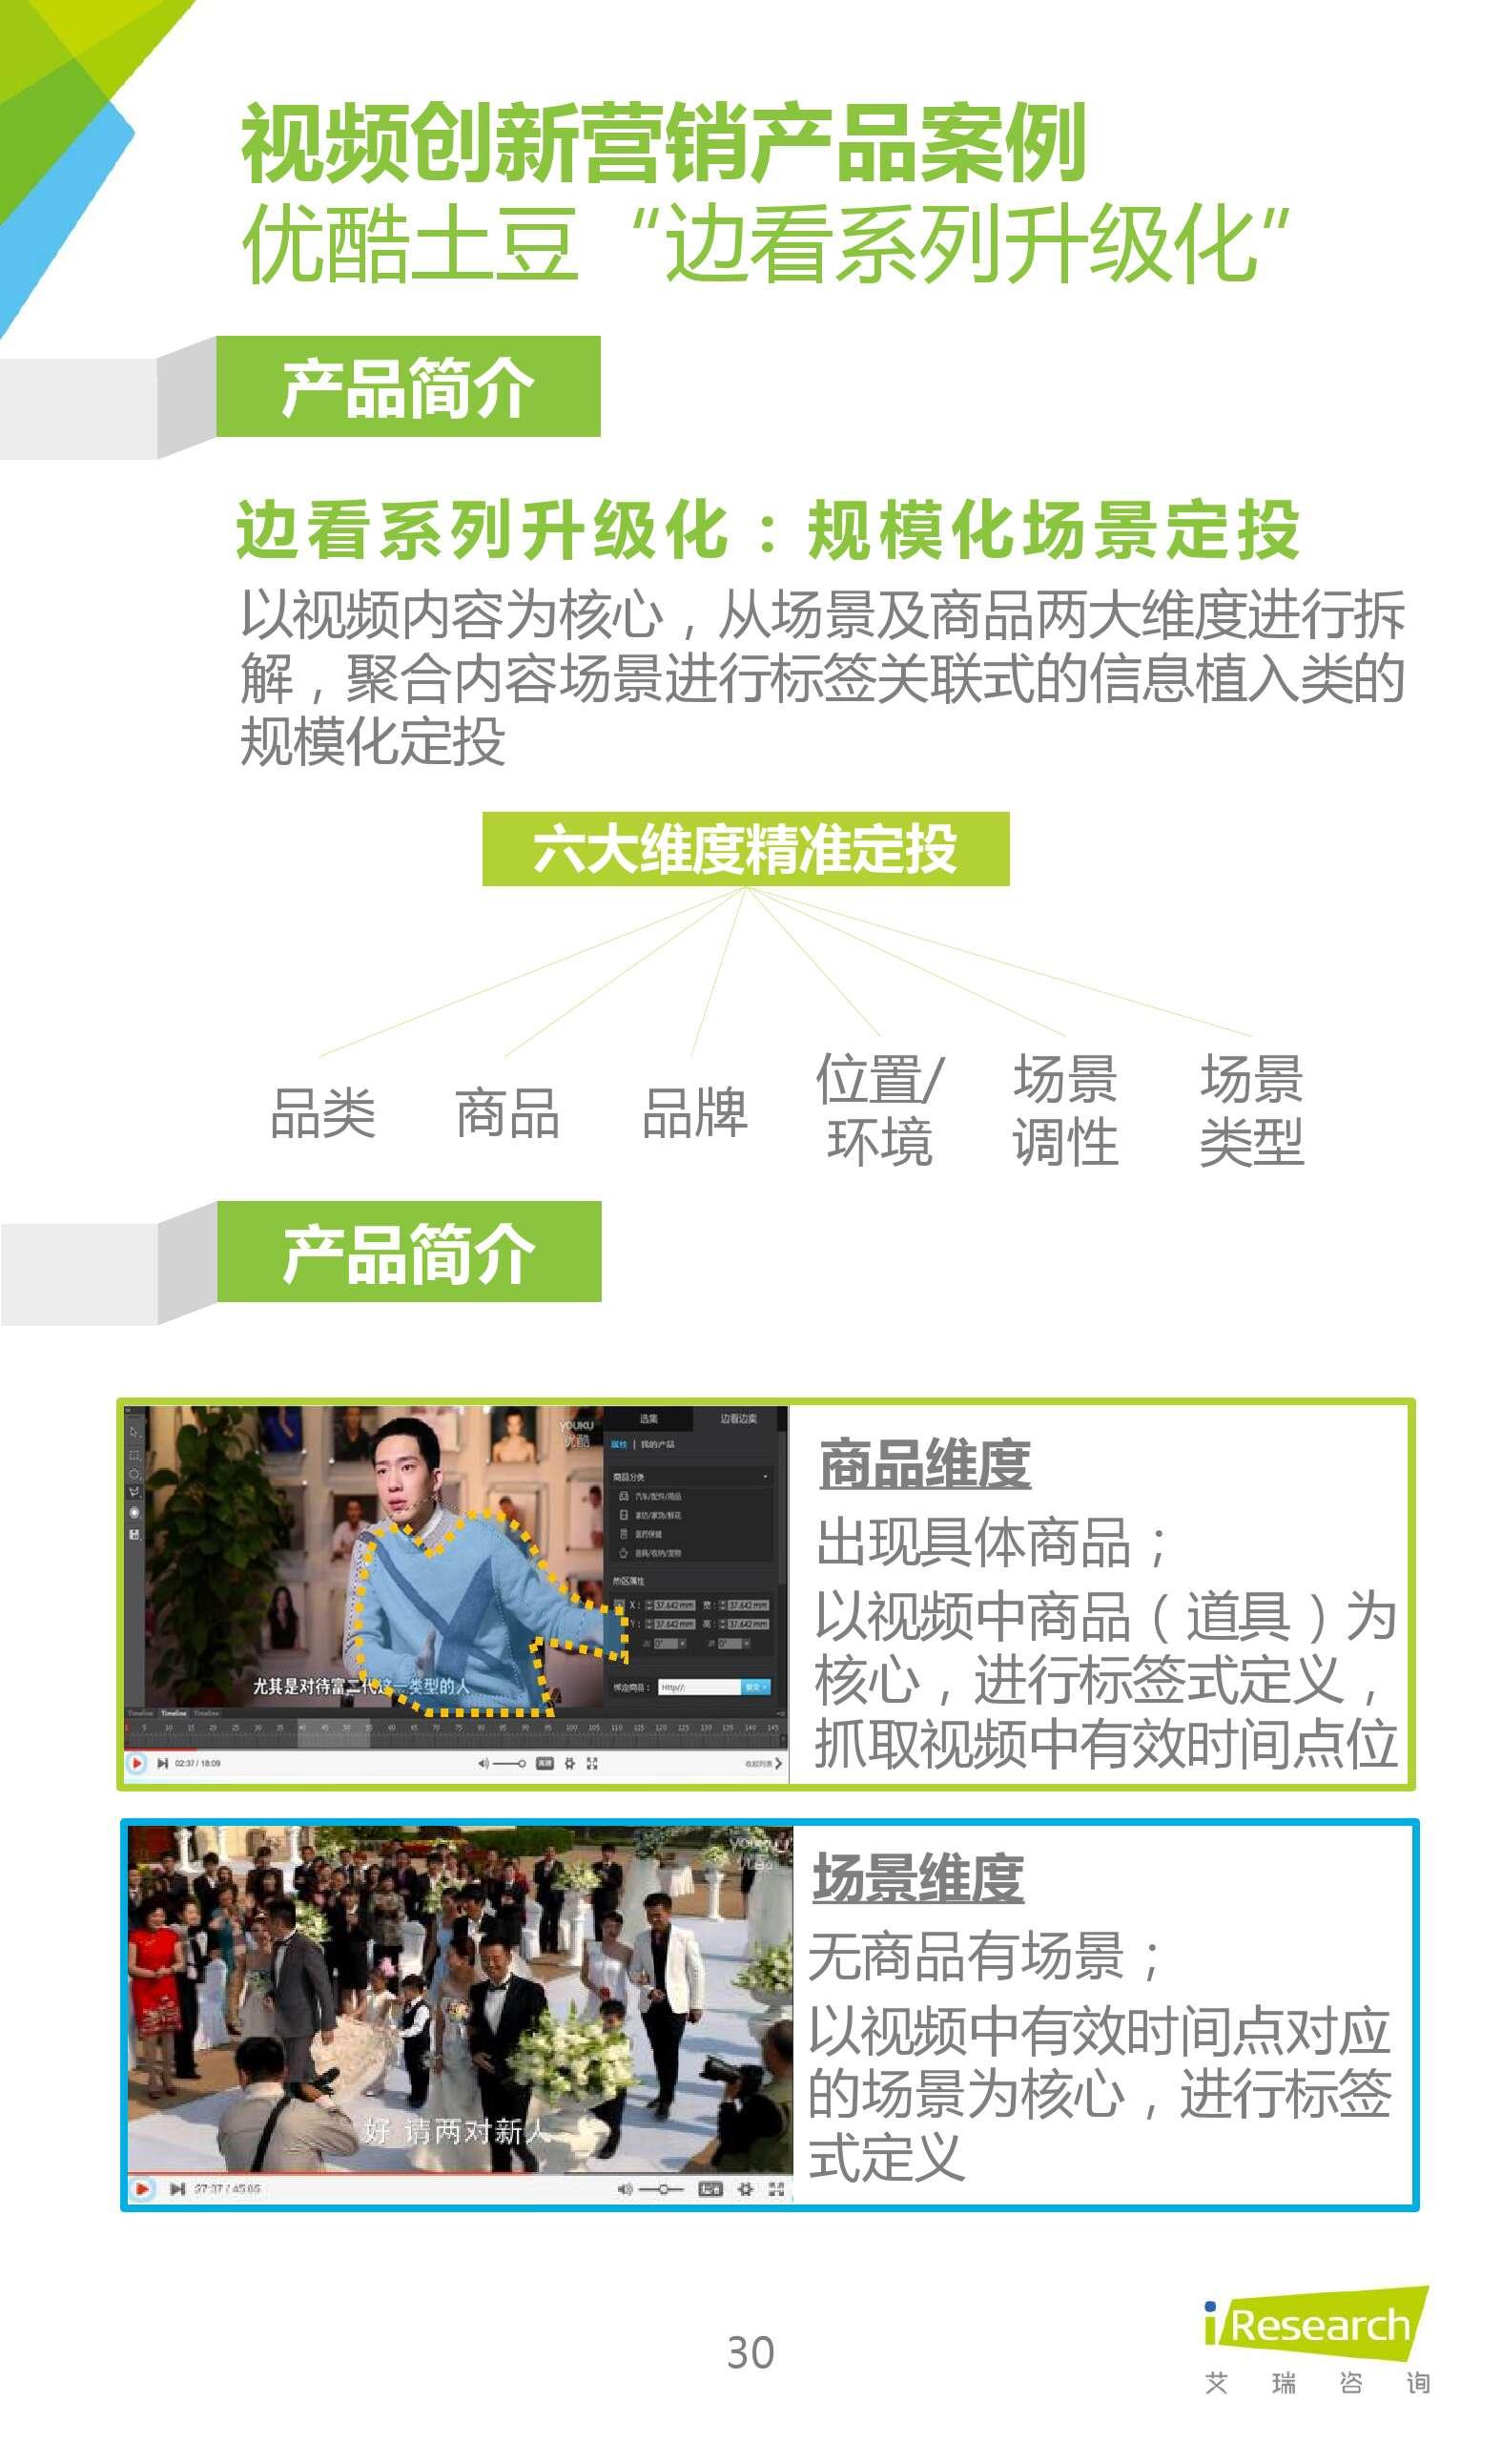 2016年中国在线视频企业创新营销研究_000030